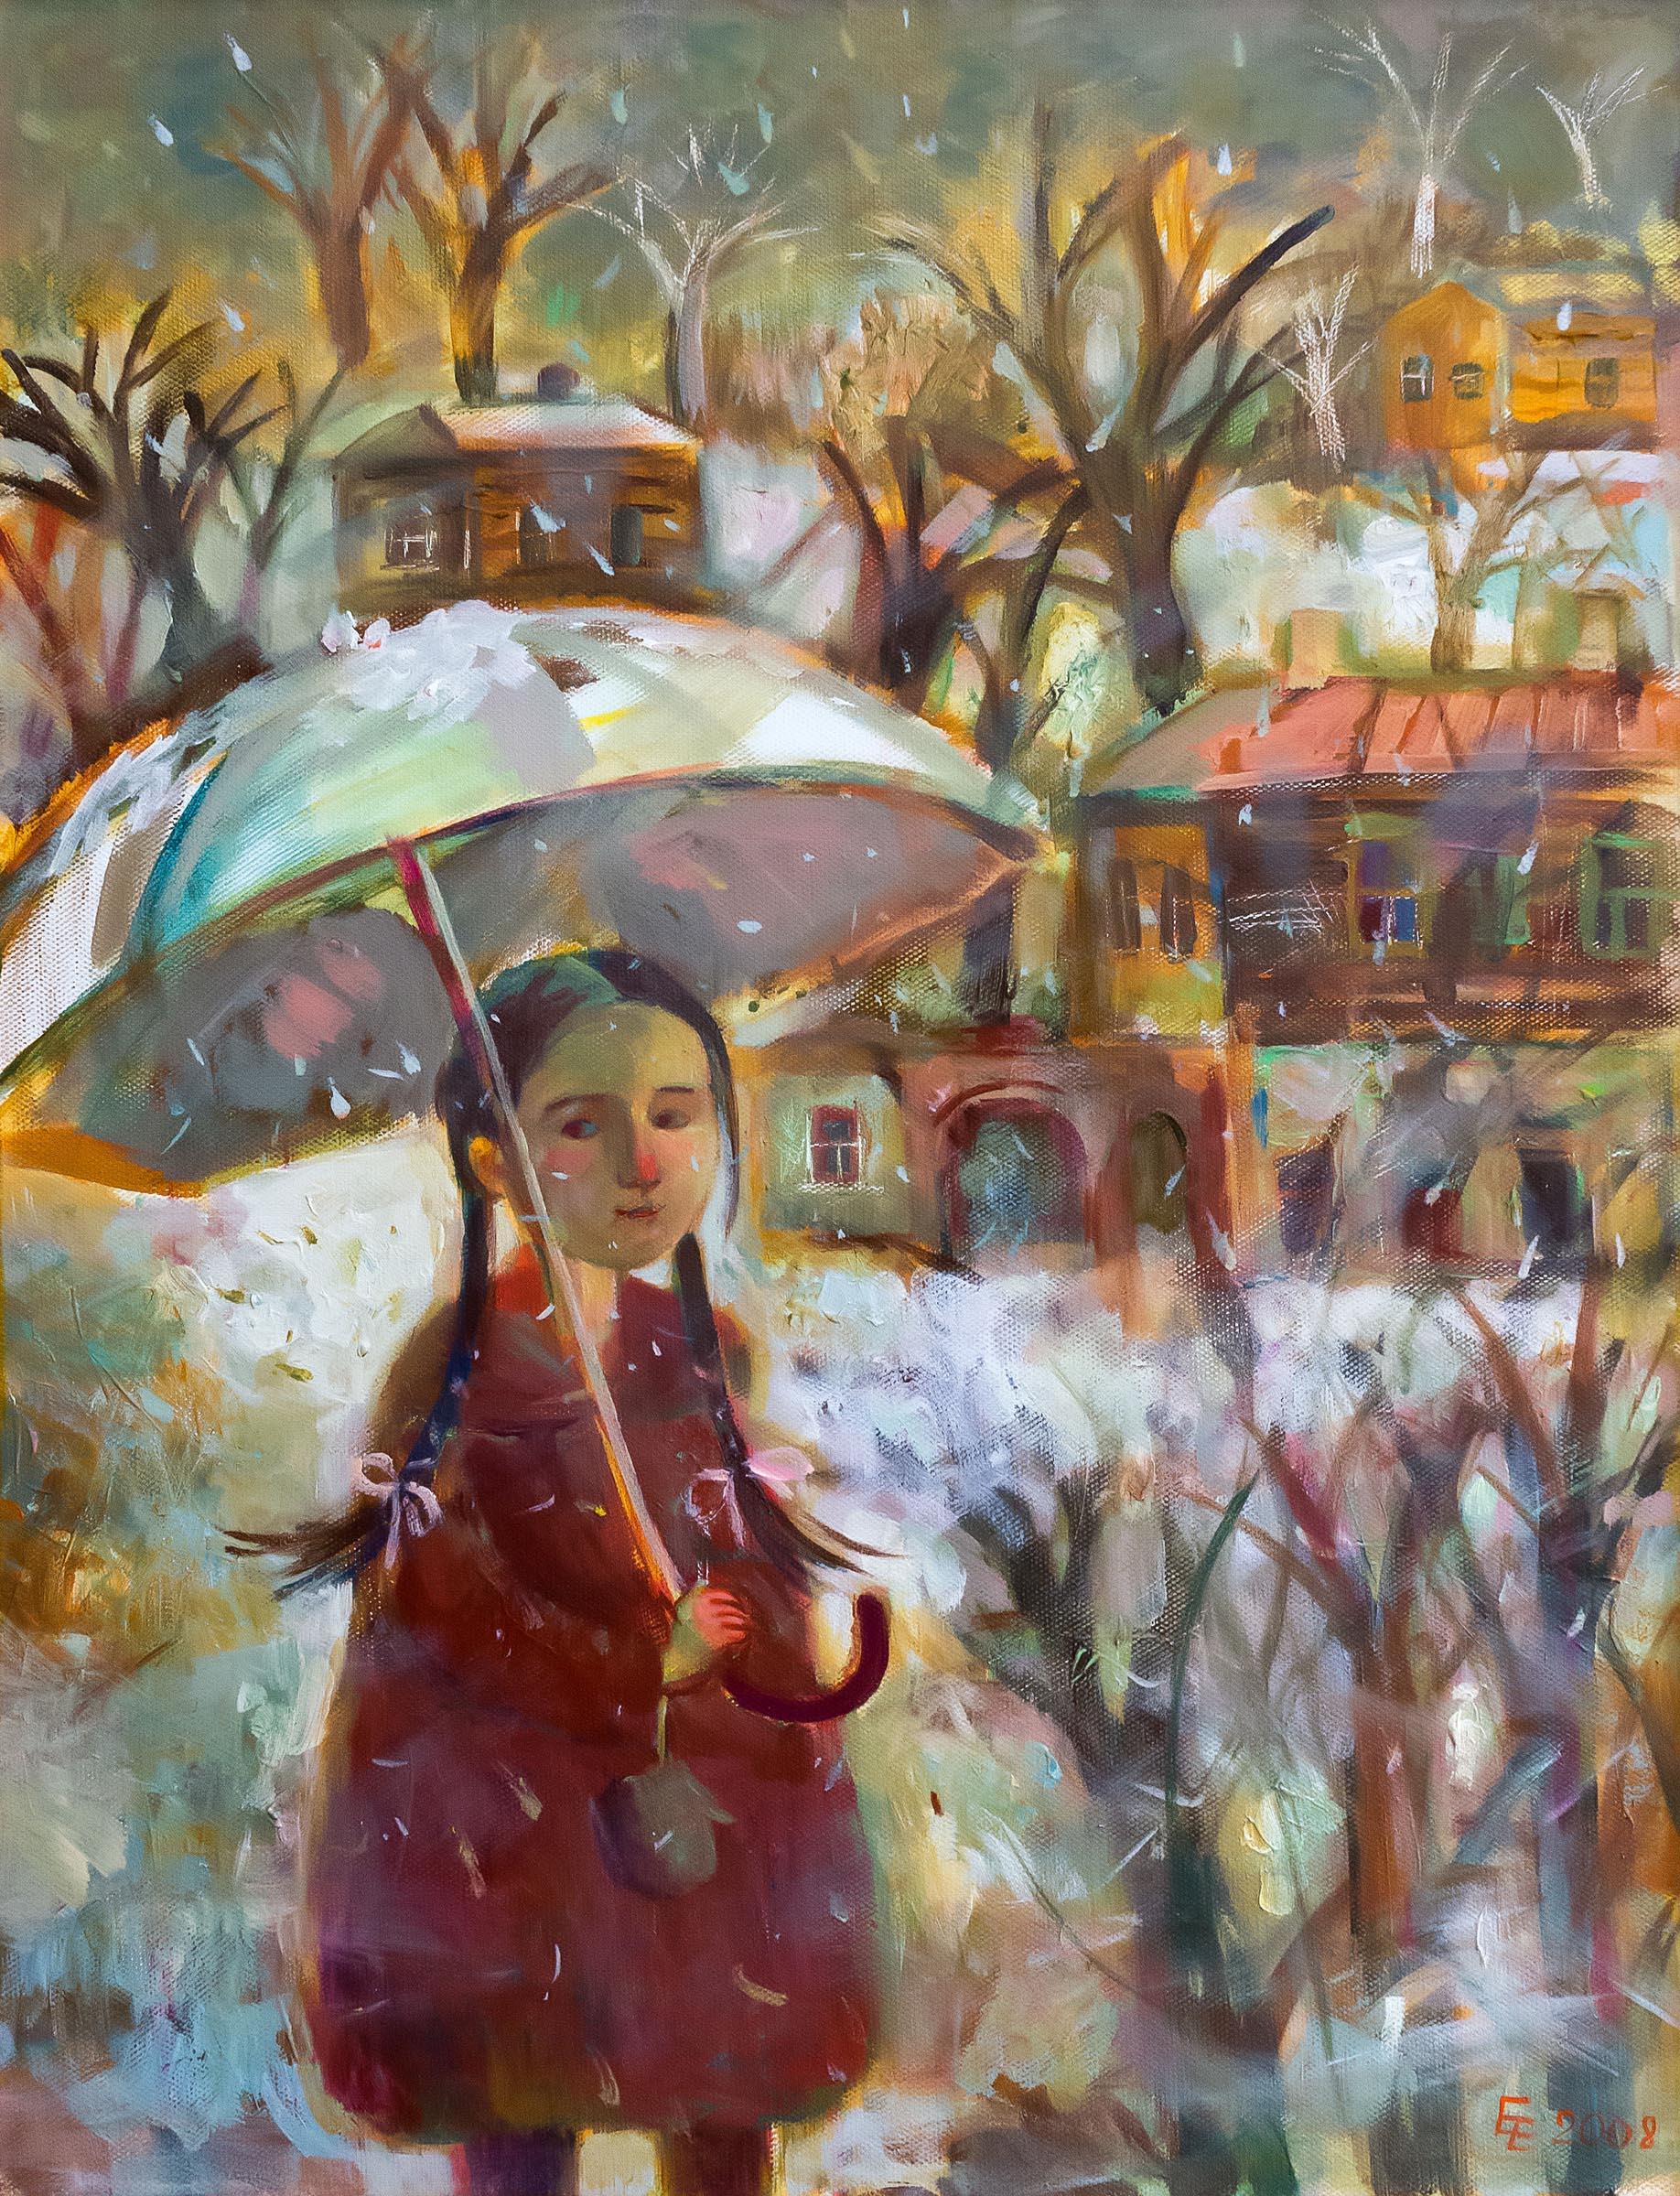 Фото №760936. Art16.ru Photo archive